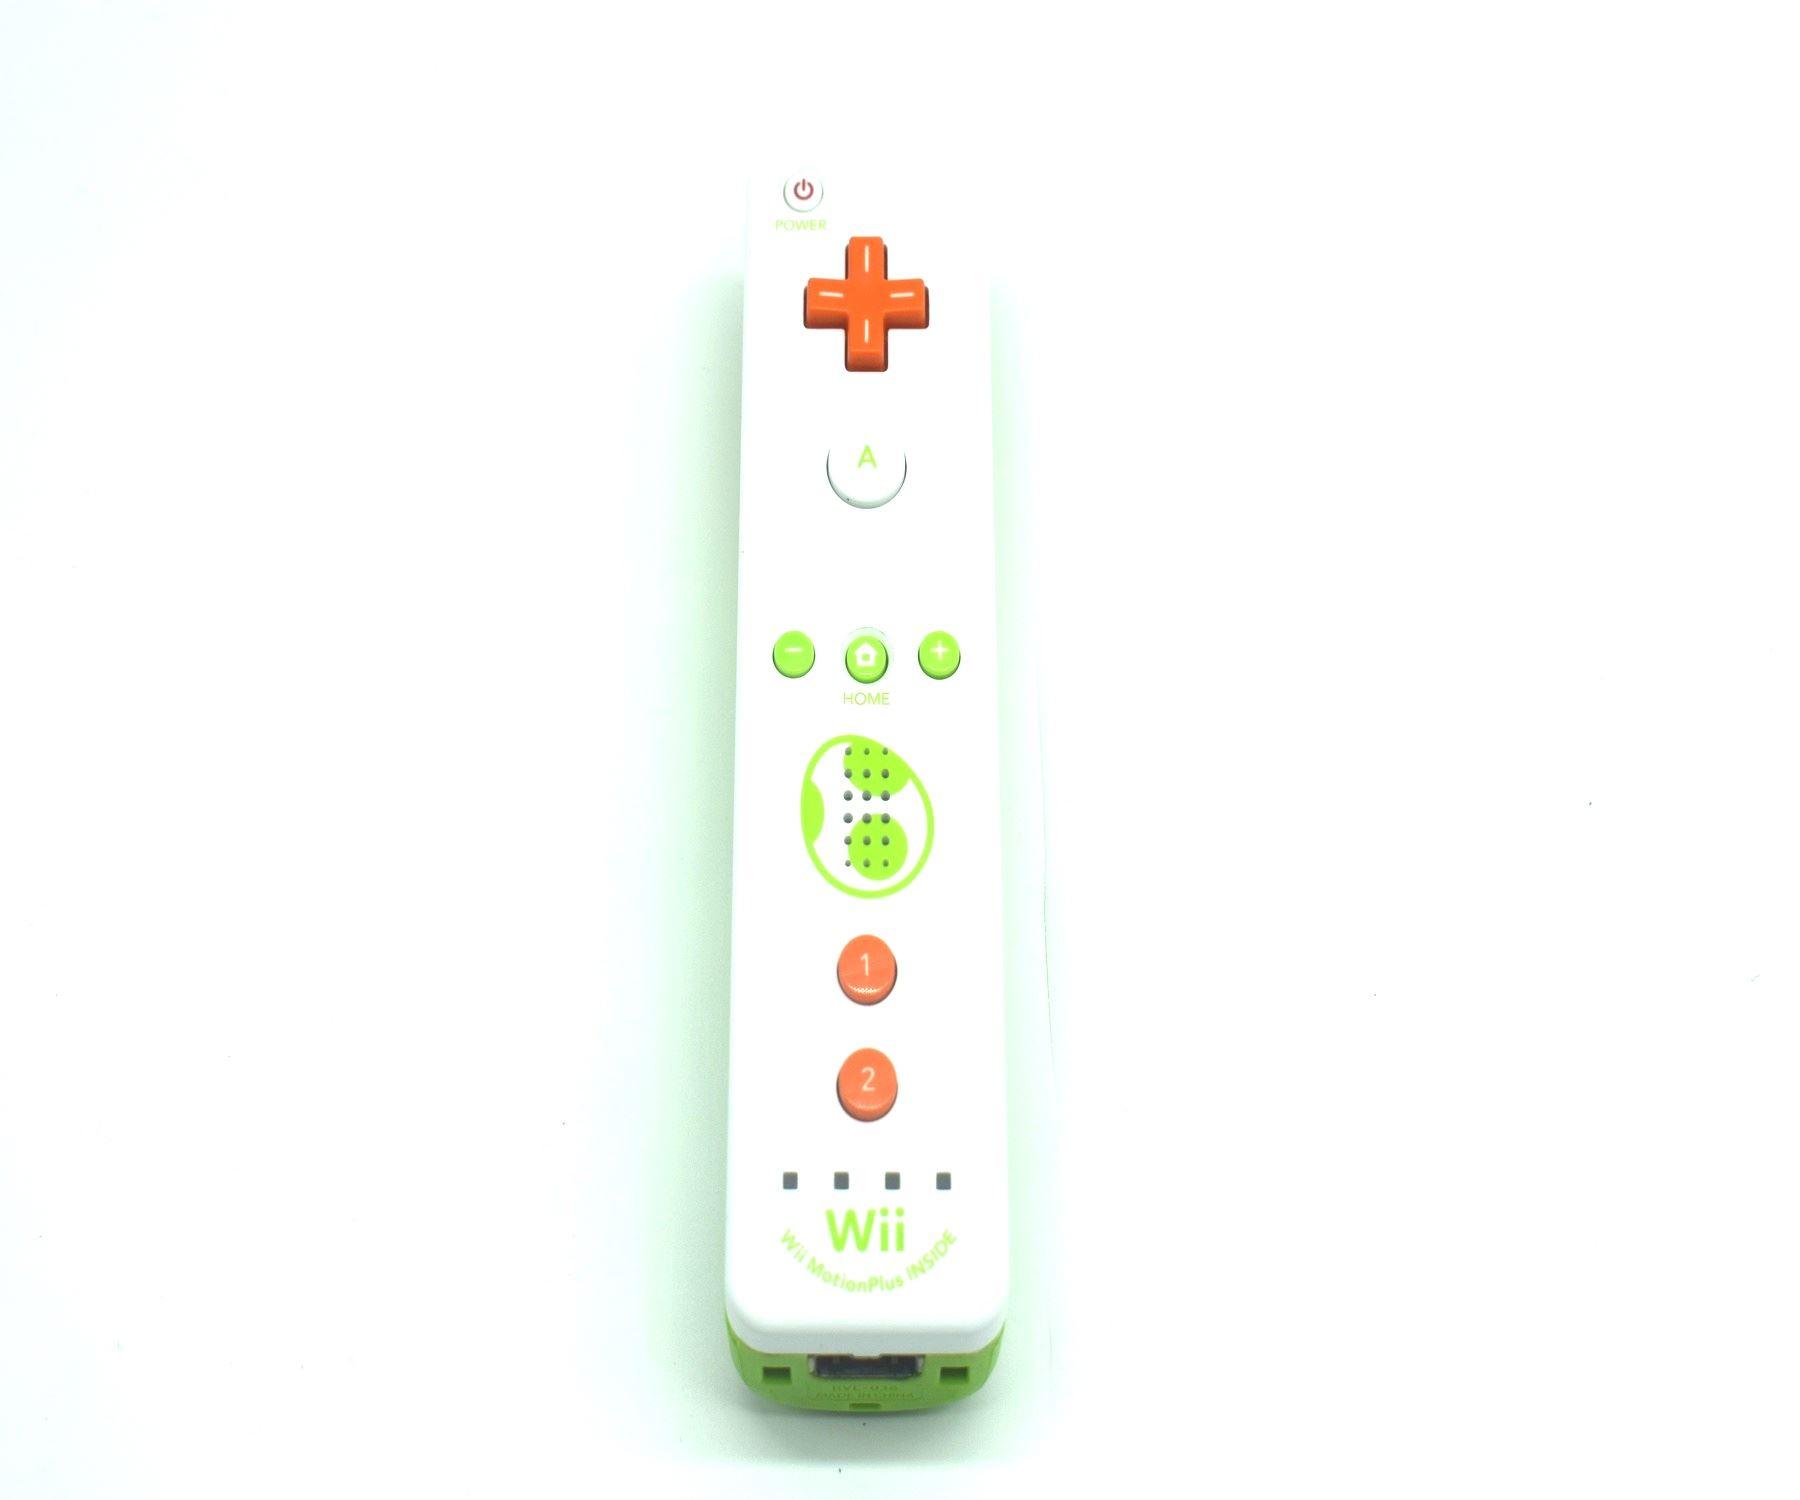 Official-Nintendo-Wii-amp-Remote-U-Plus-Genuine-Original-Controller miniatuur 89